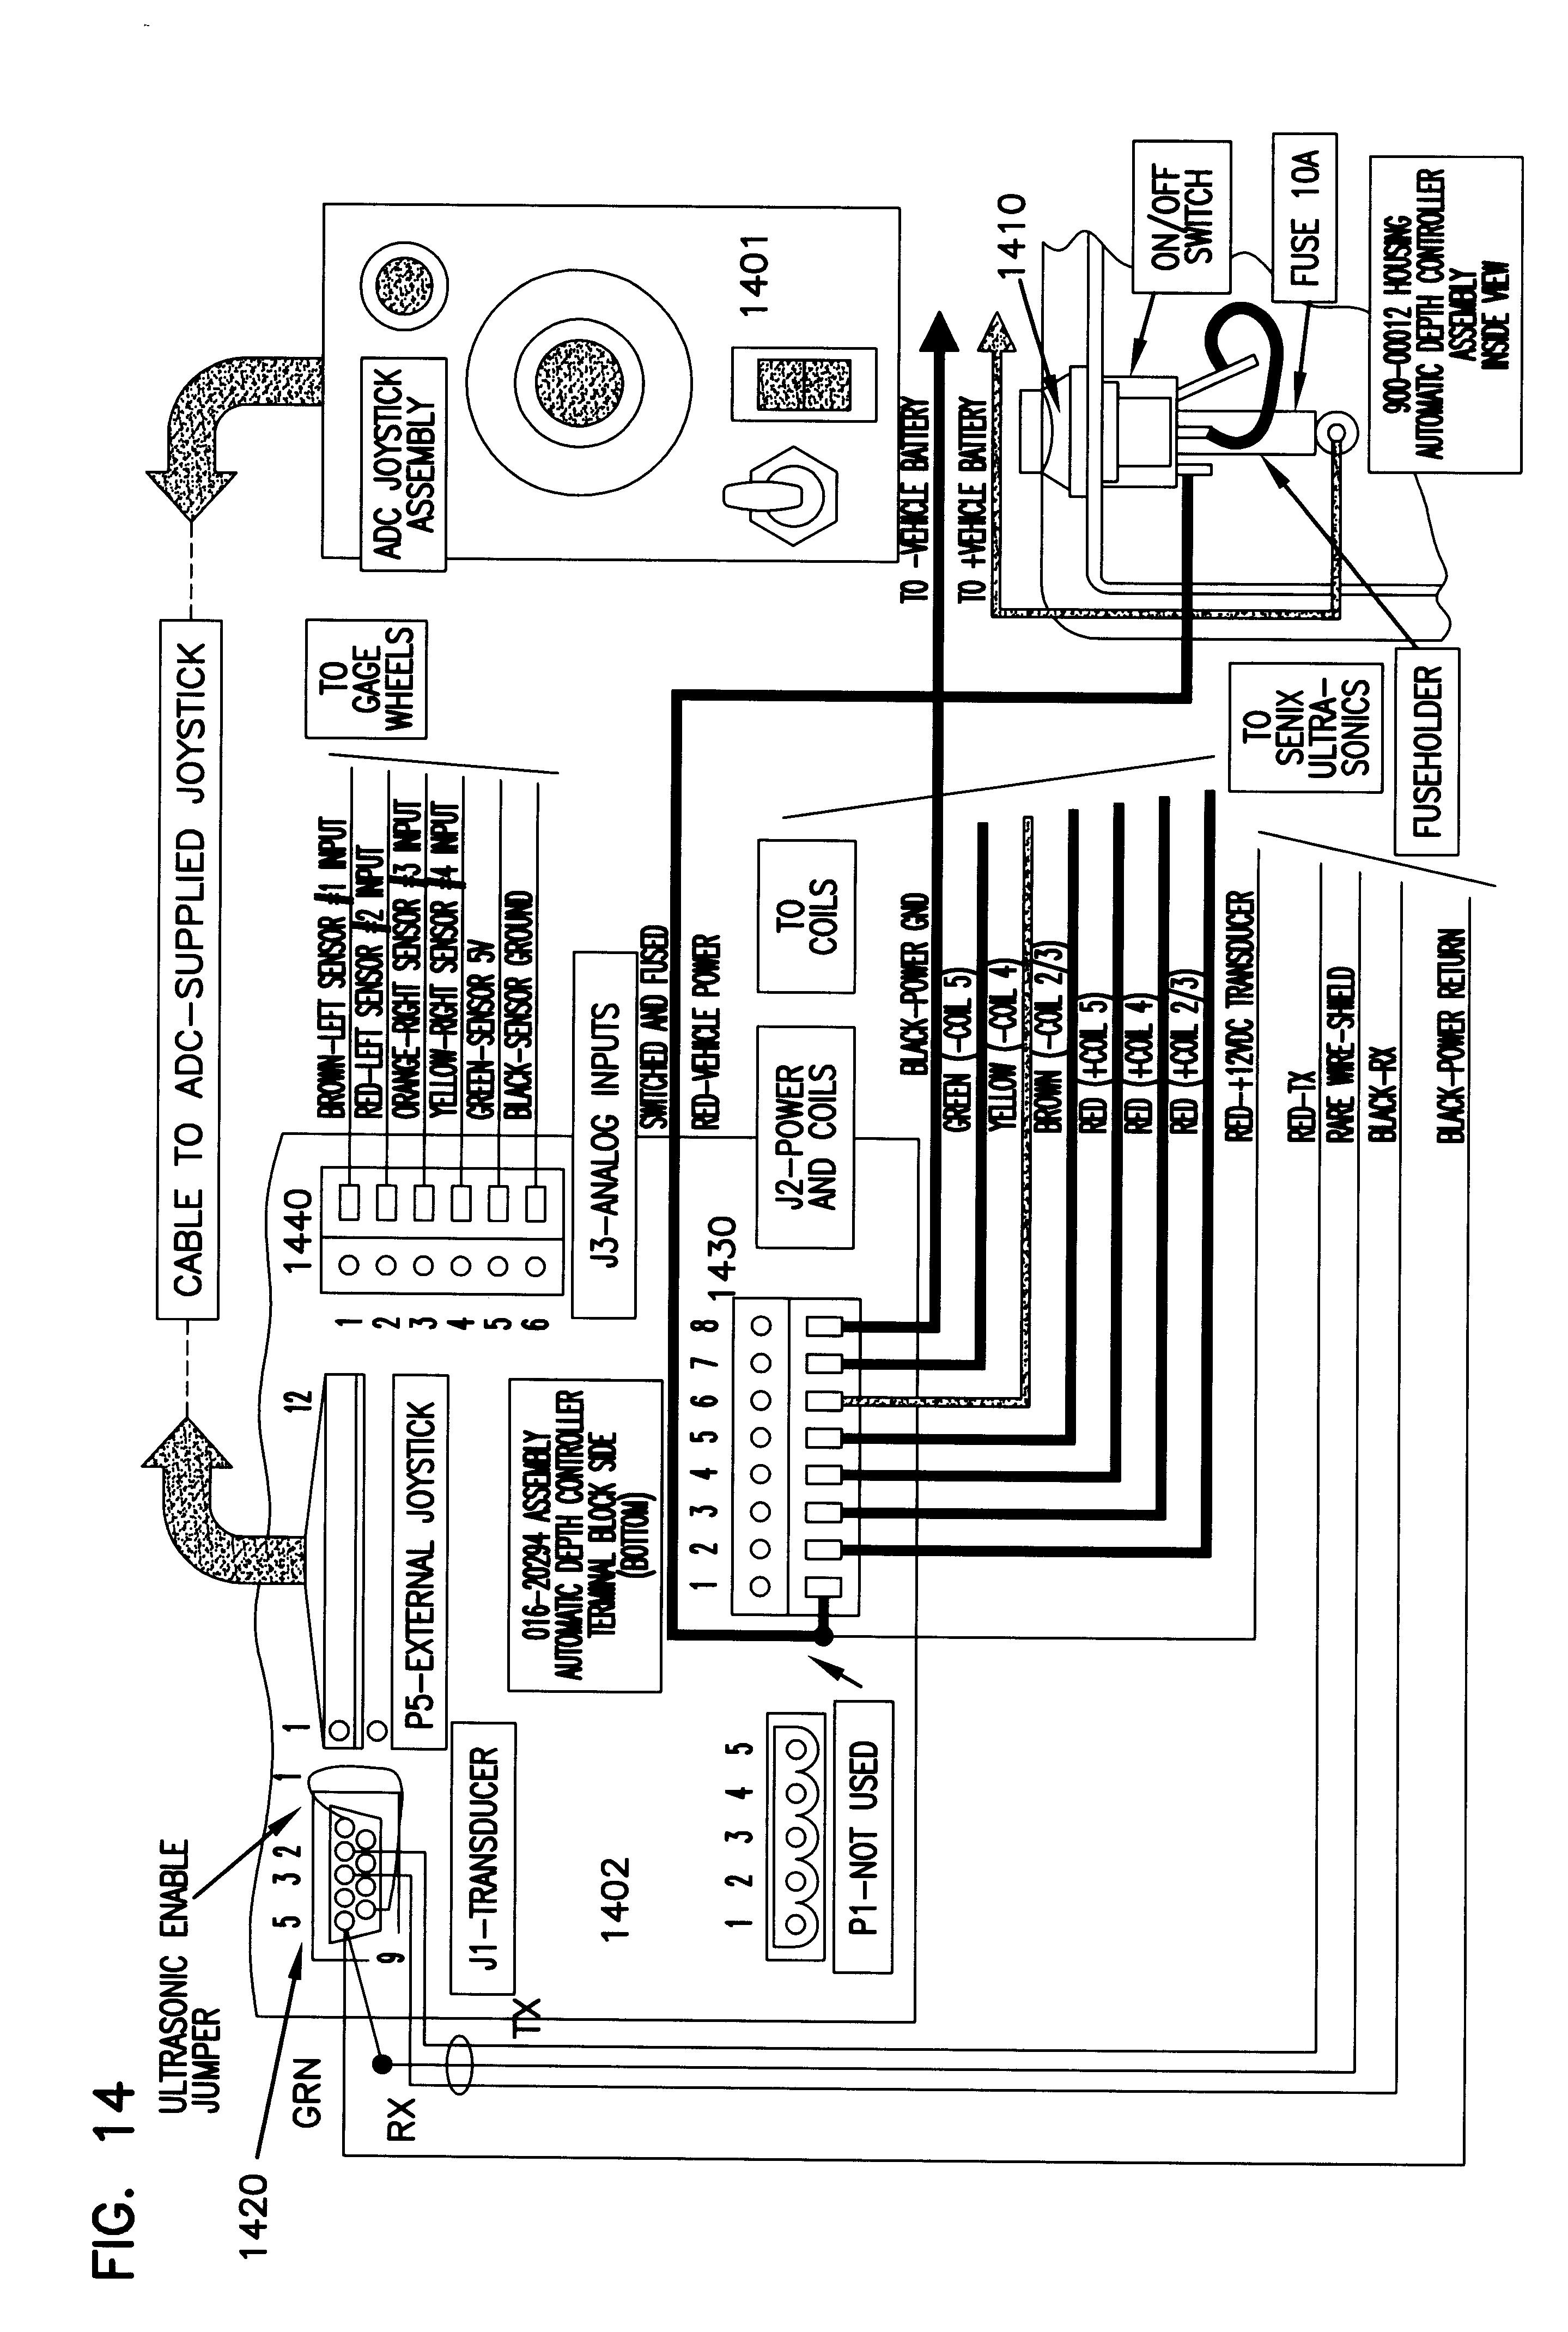 John Deere Rate Controller Wiring Diagram